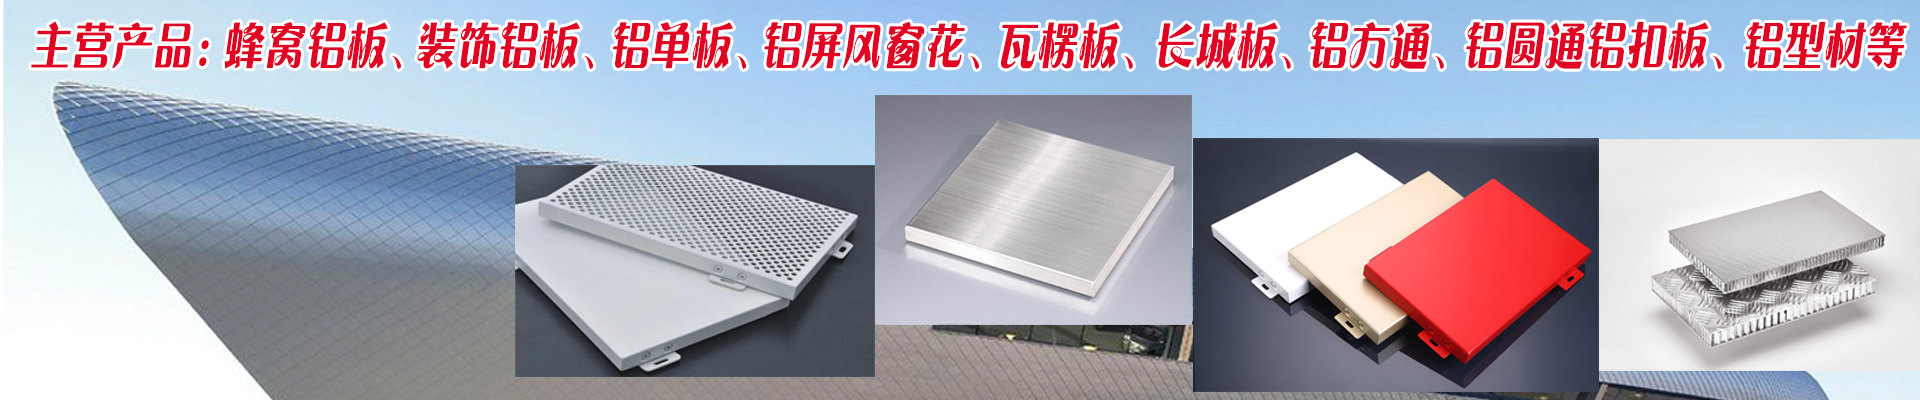 北京富邦盛华建材有限公司